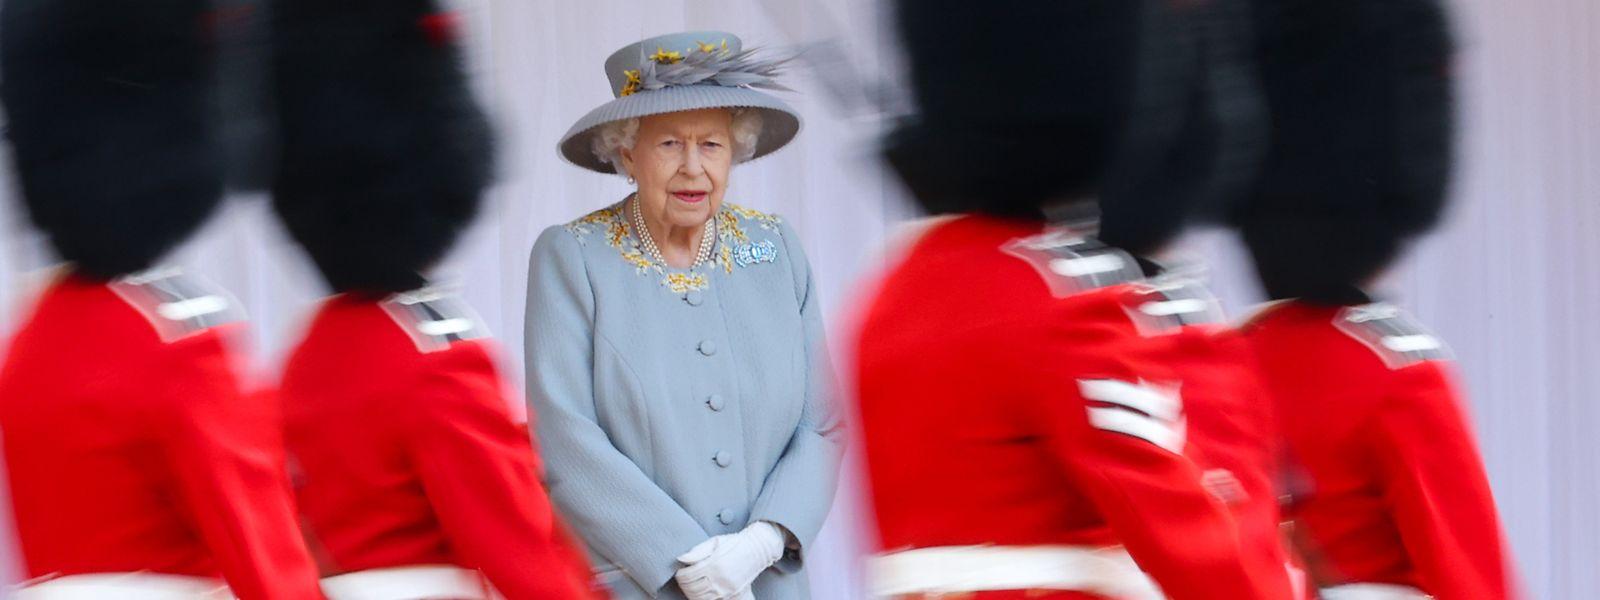 Königin Elizabeth II. von Großbritannien beobachtet die Parade zu ihrem offiziellen Geburtstag auf Schloss Windsor.